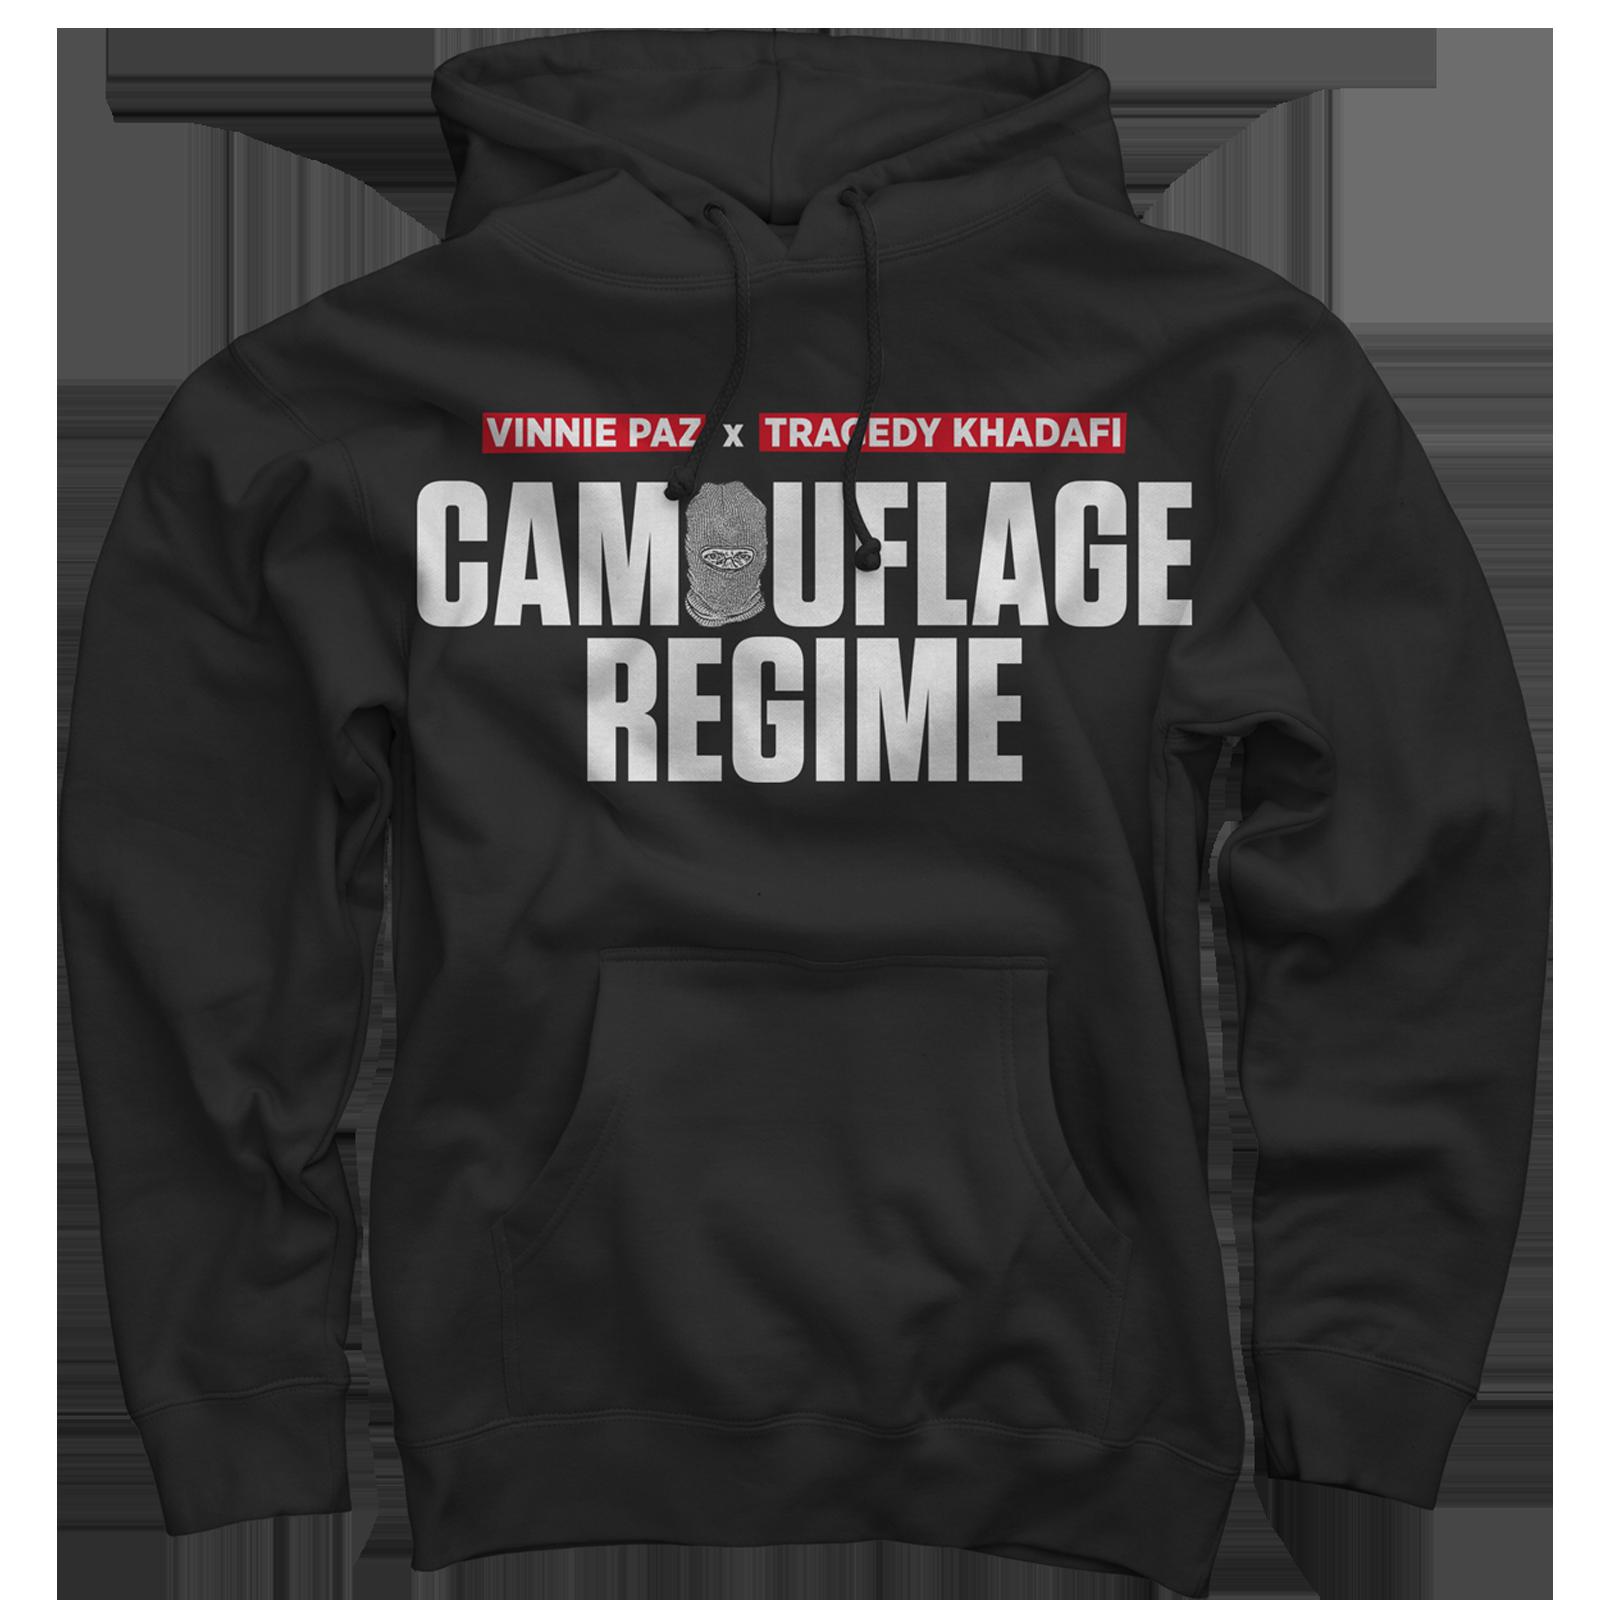 Camouflage Regime Black Pullover